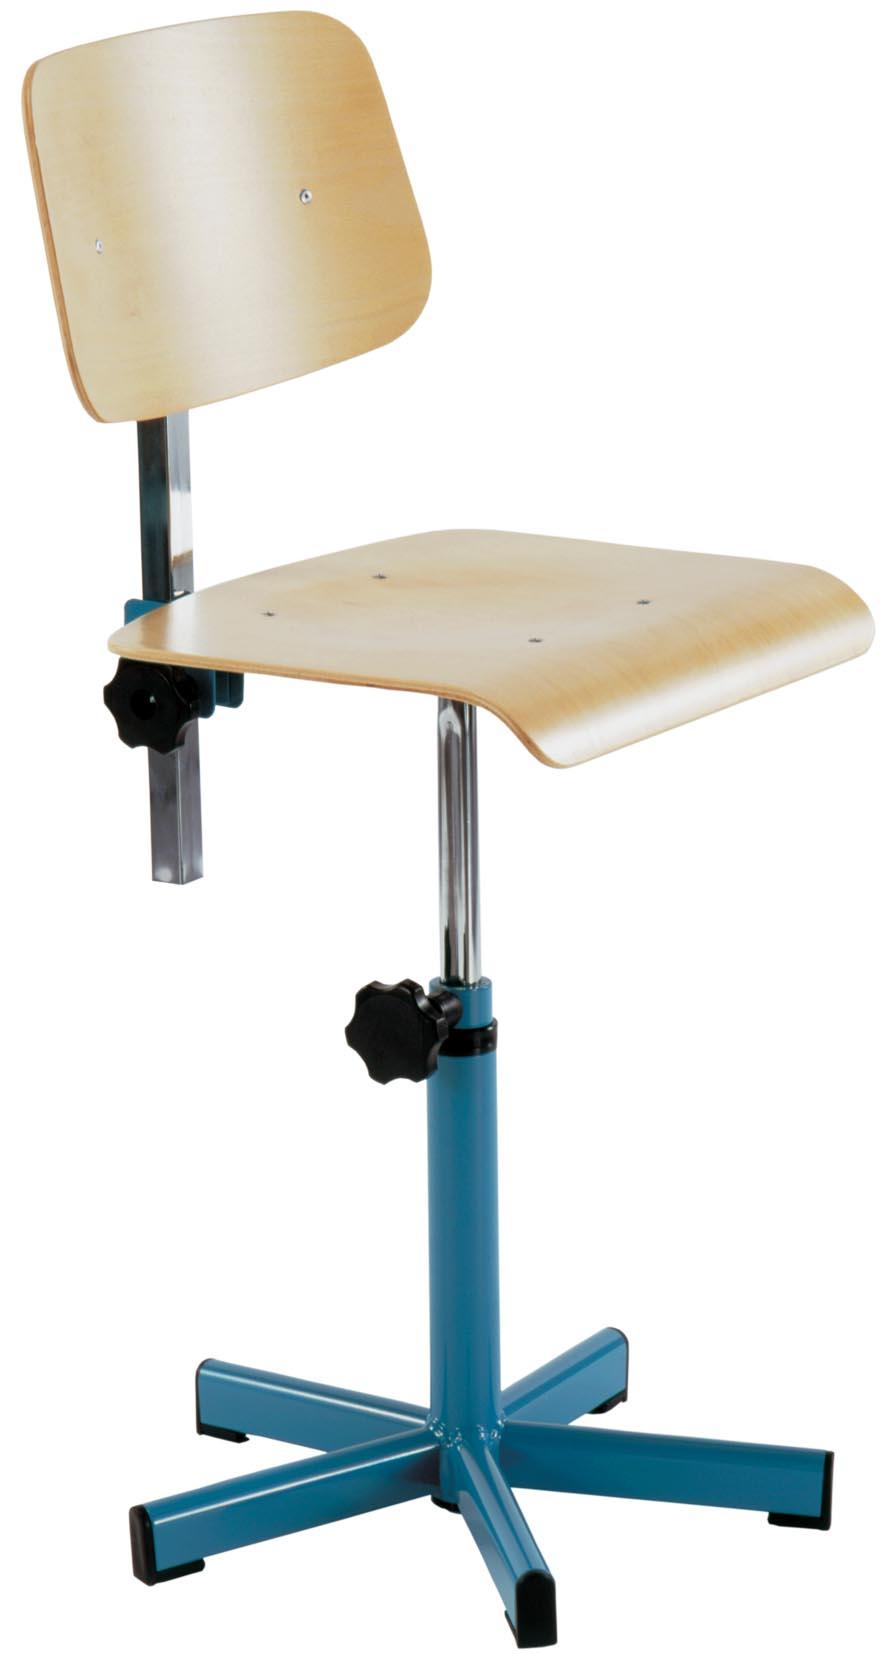 chaise dessinateur bois table de lit a roulettes. Black Bedroom Furniture Sets. Home Design Ideas